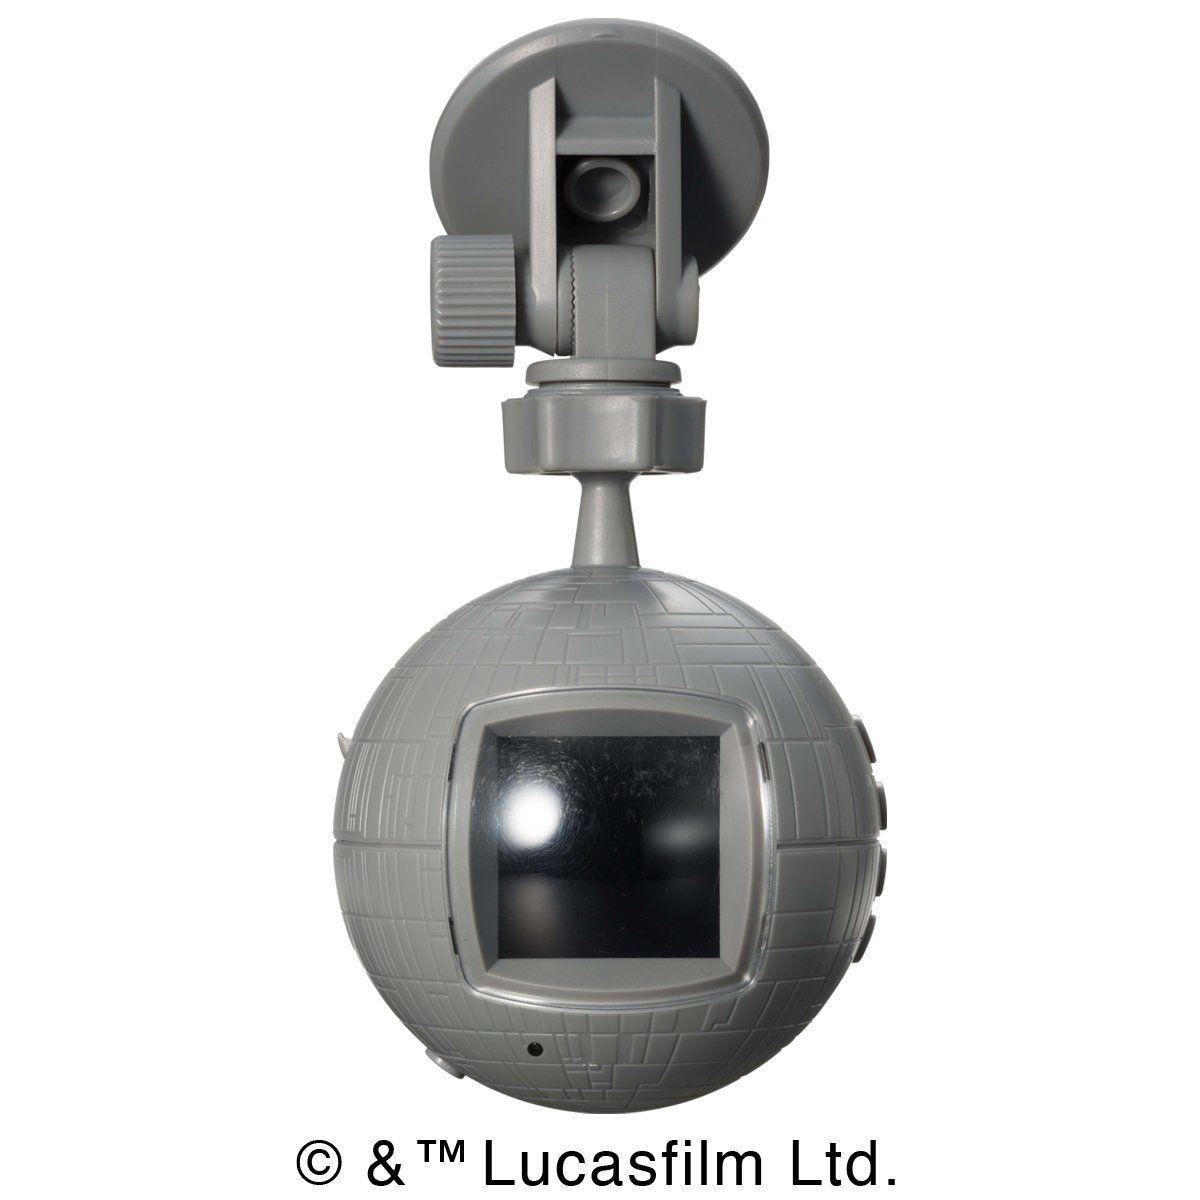 【限定販売】スター・ウォーズ『スターウォーズ ドライブレコーダー SW-MS01』カー用品-003